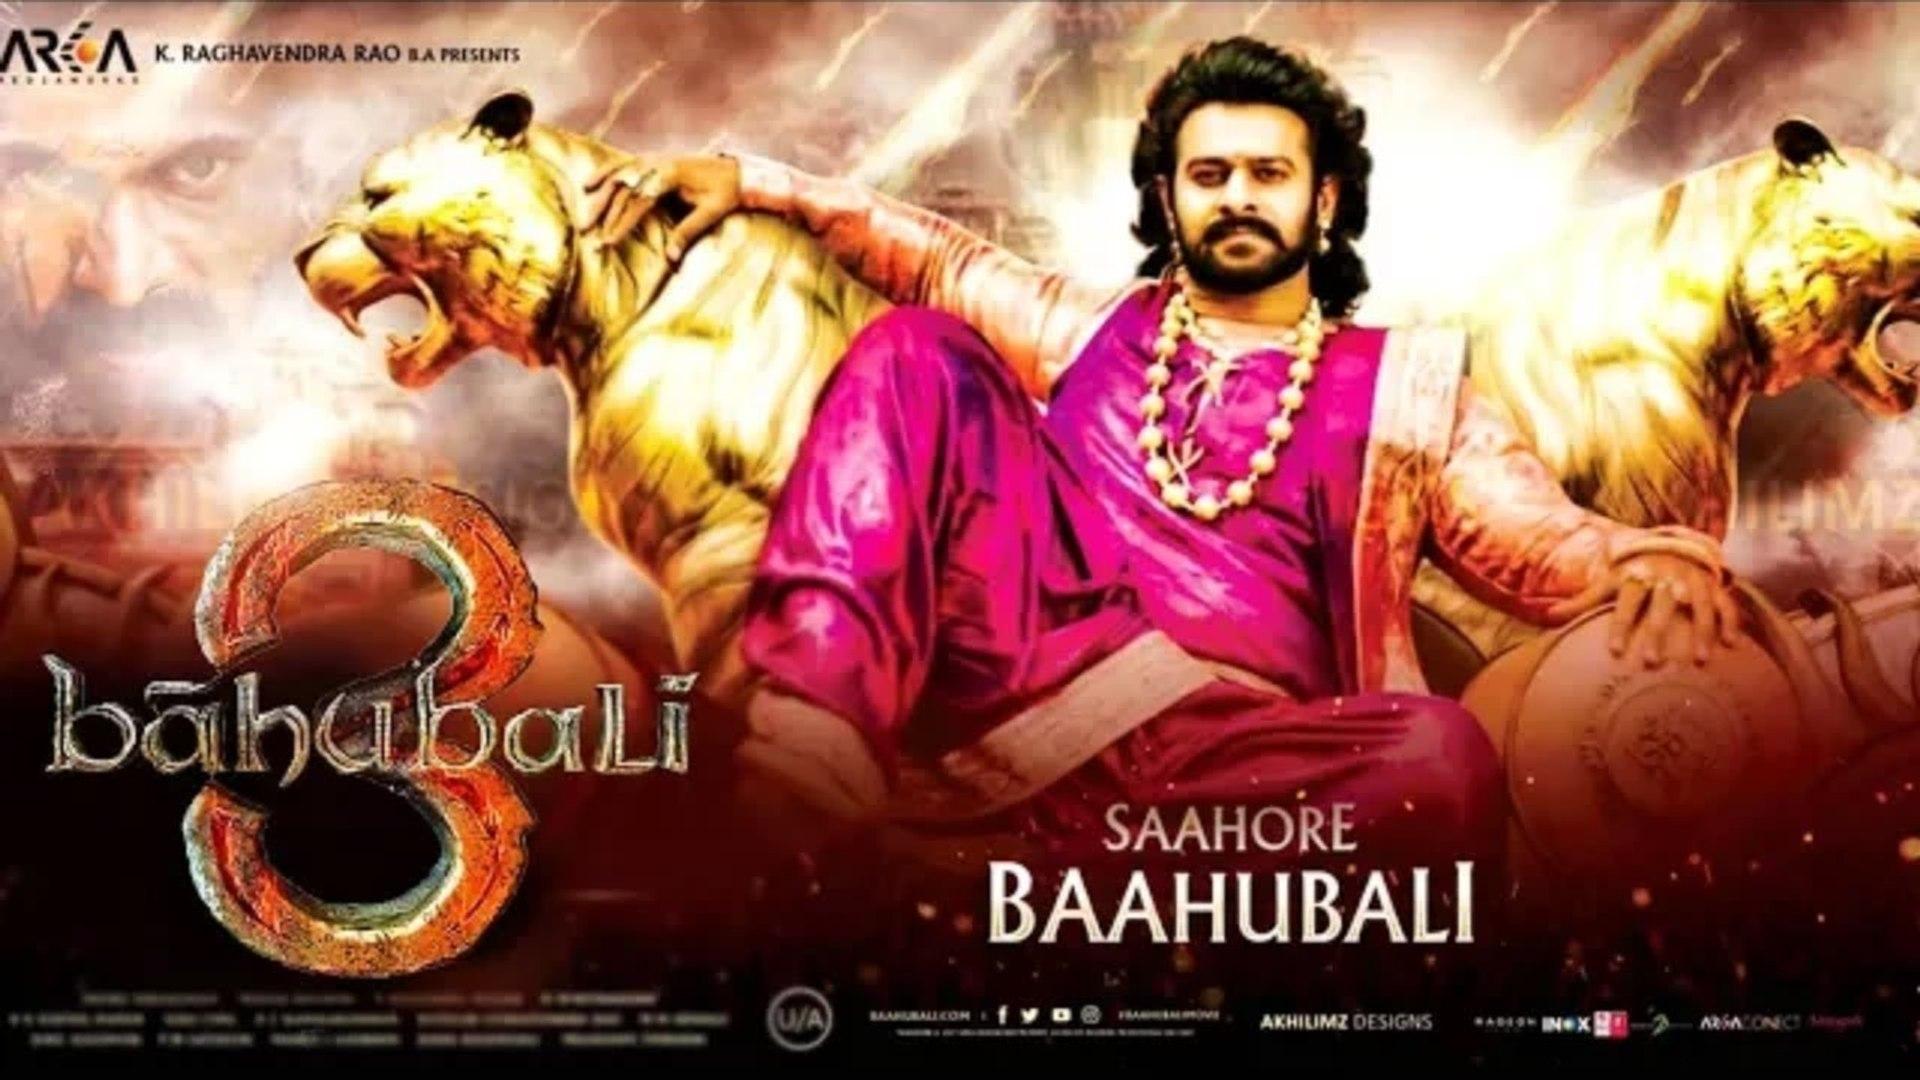 Bahubali 3 (2018) Part 2 - 3 full Hindi | HD Plus movie